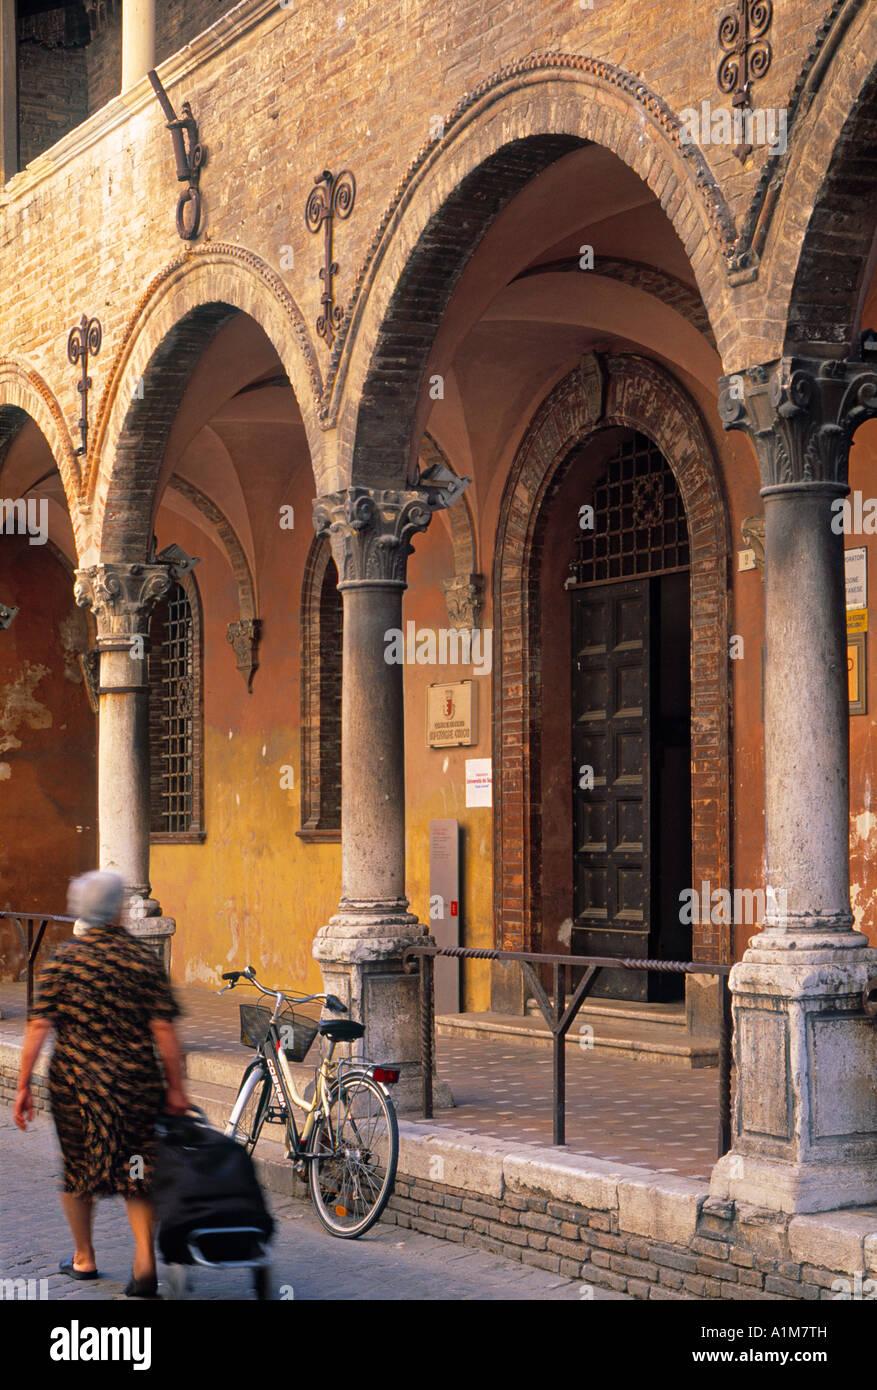 Fano, Le Marche, Italy - Stock Image